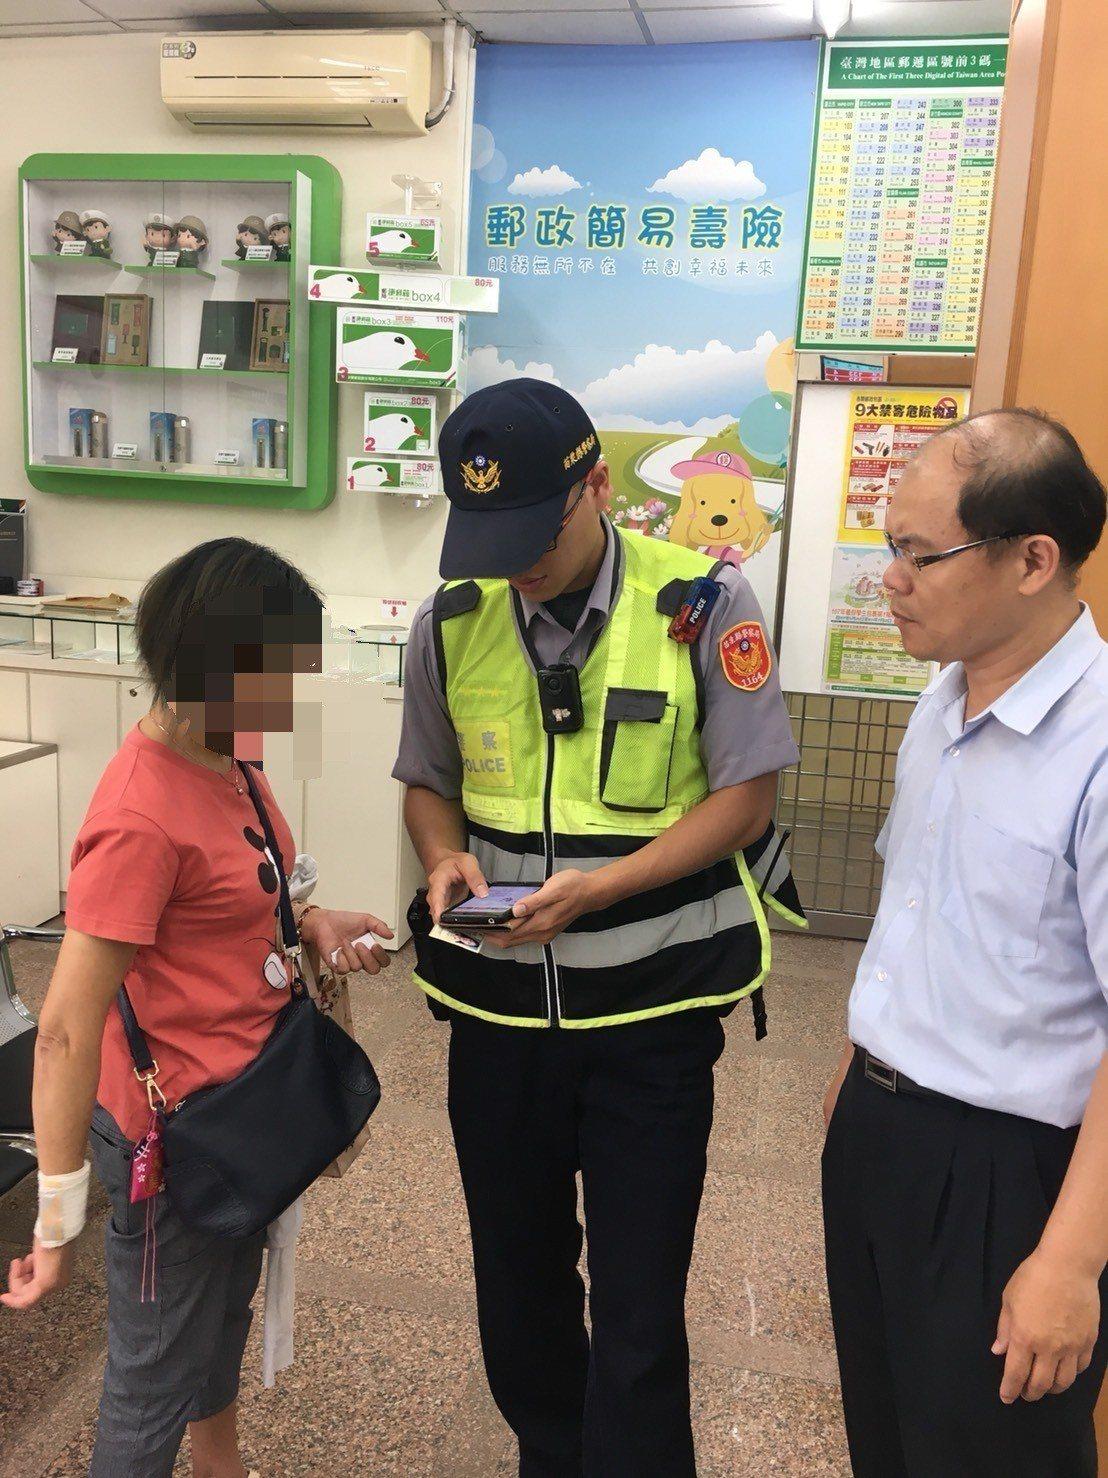 女子疑陷網路交友詐騙案,到郵局要匯美金,警方、行員機警阻止。圖/警方提供